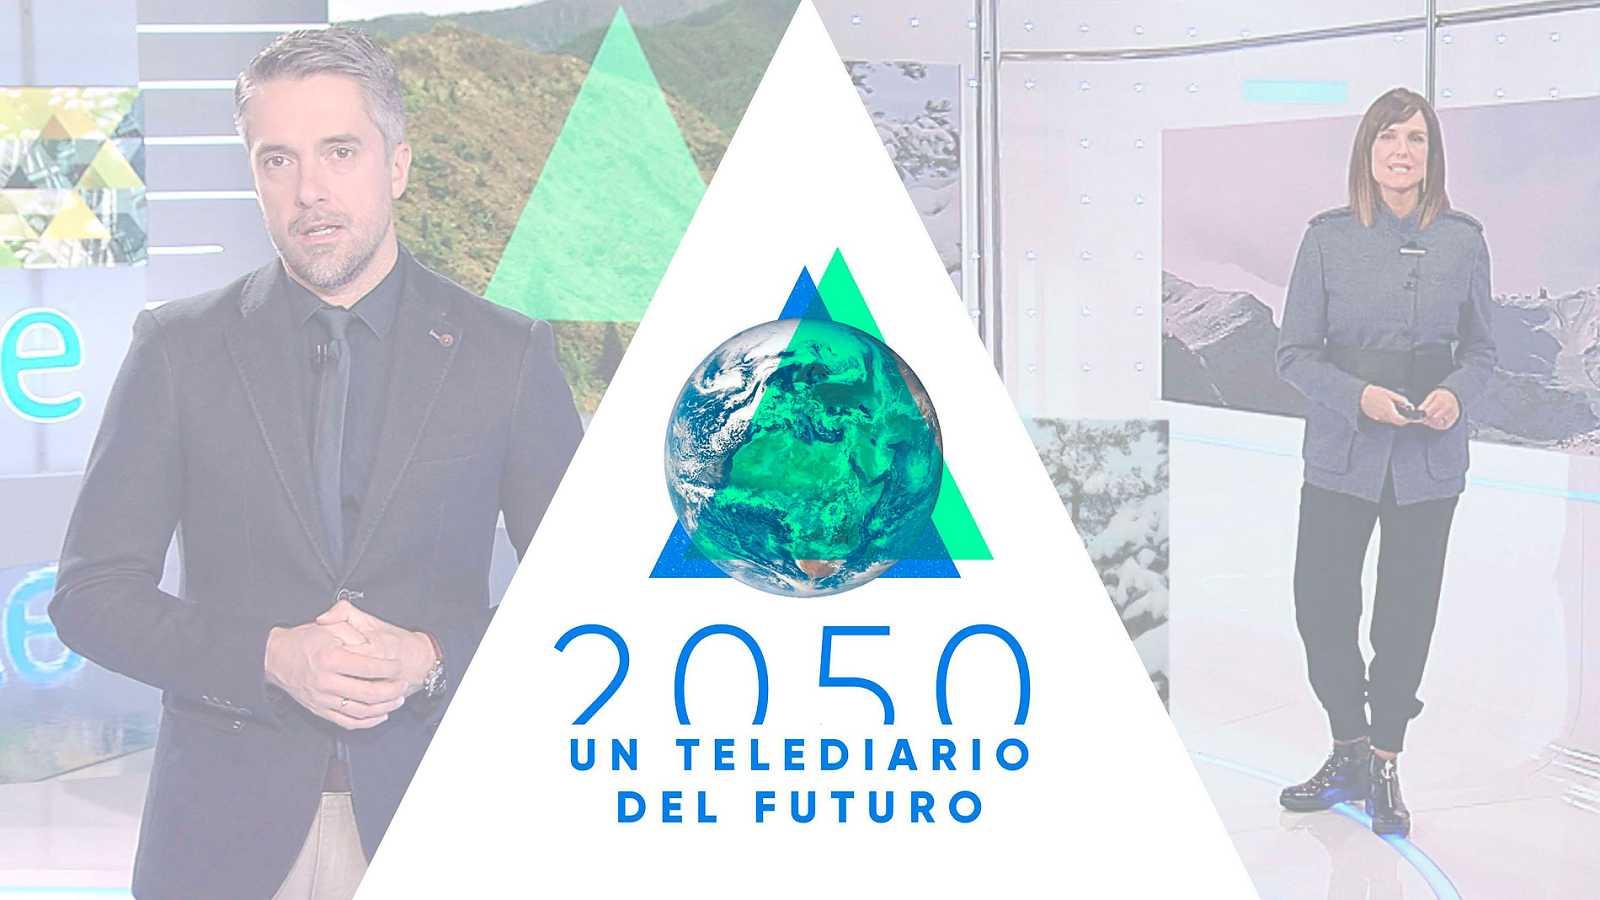 Un Telediario del futuro: utópico vs distópico